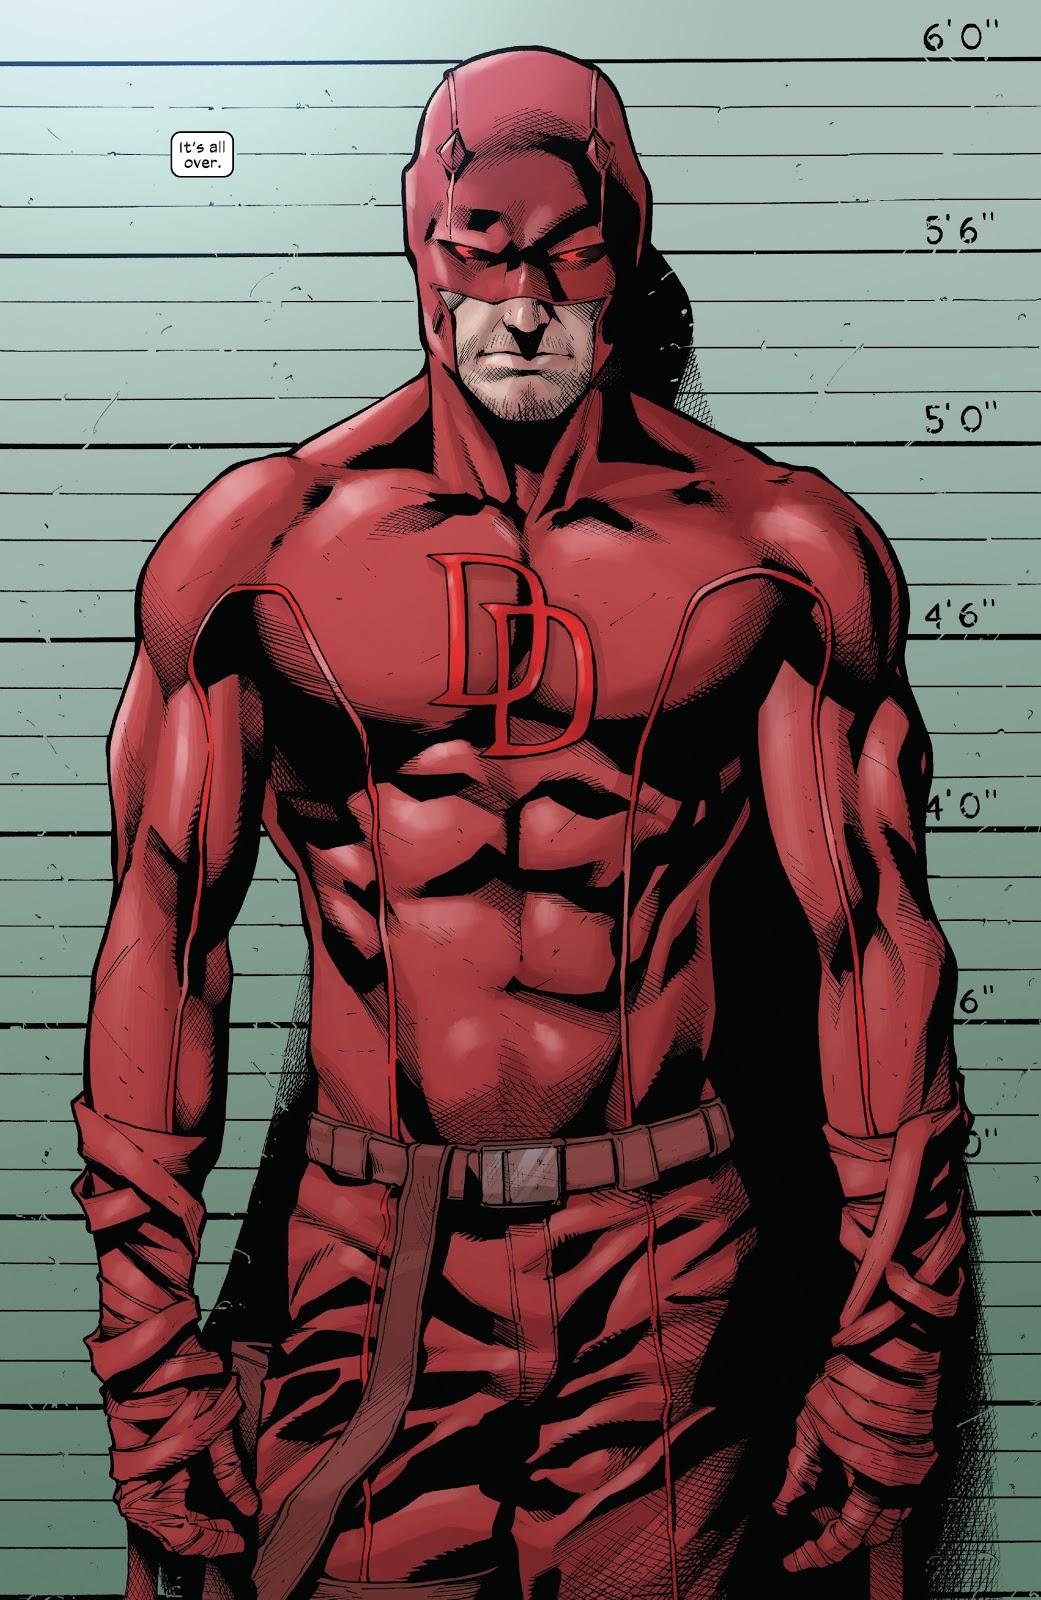 Daredevil Vol. 6 #22